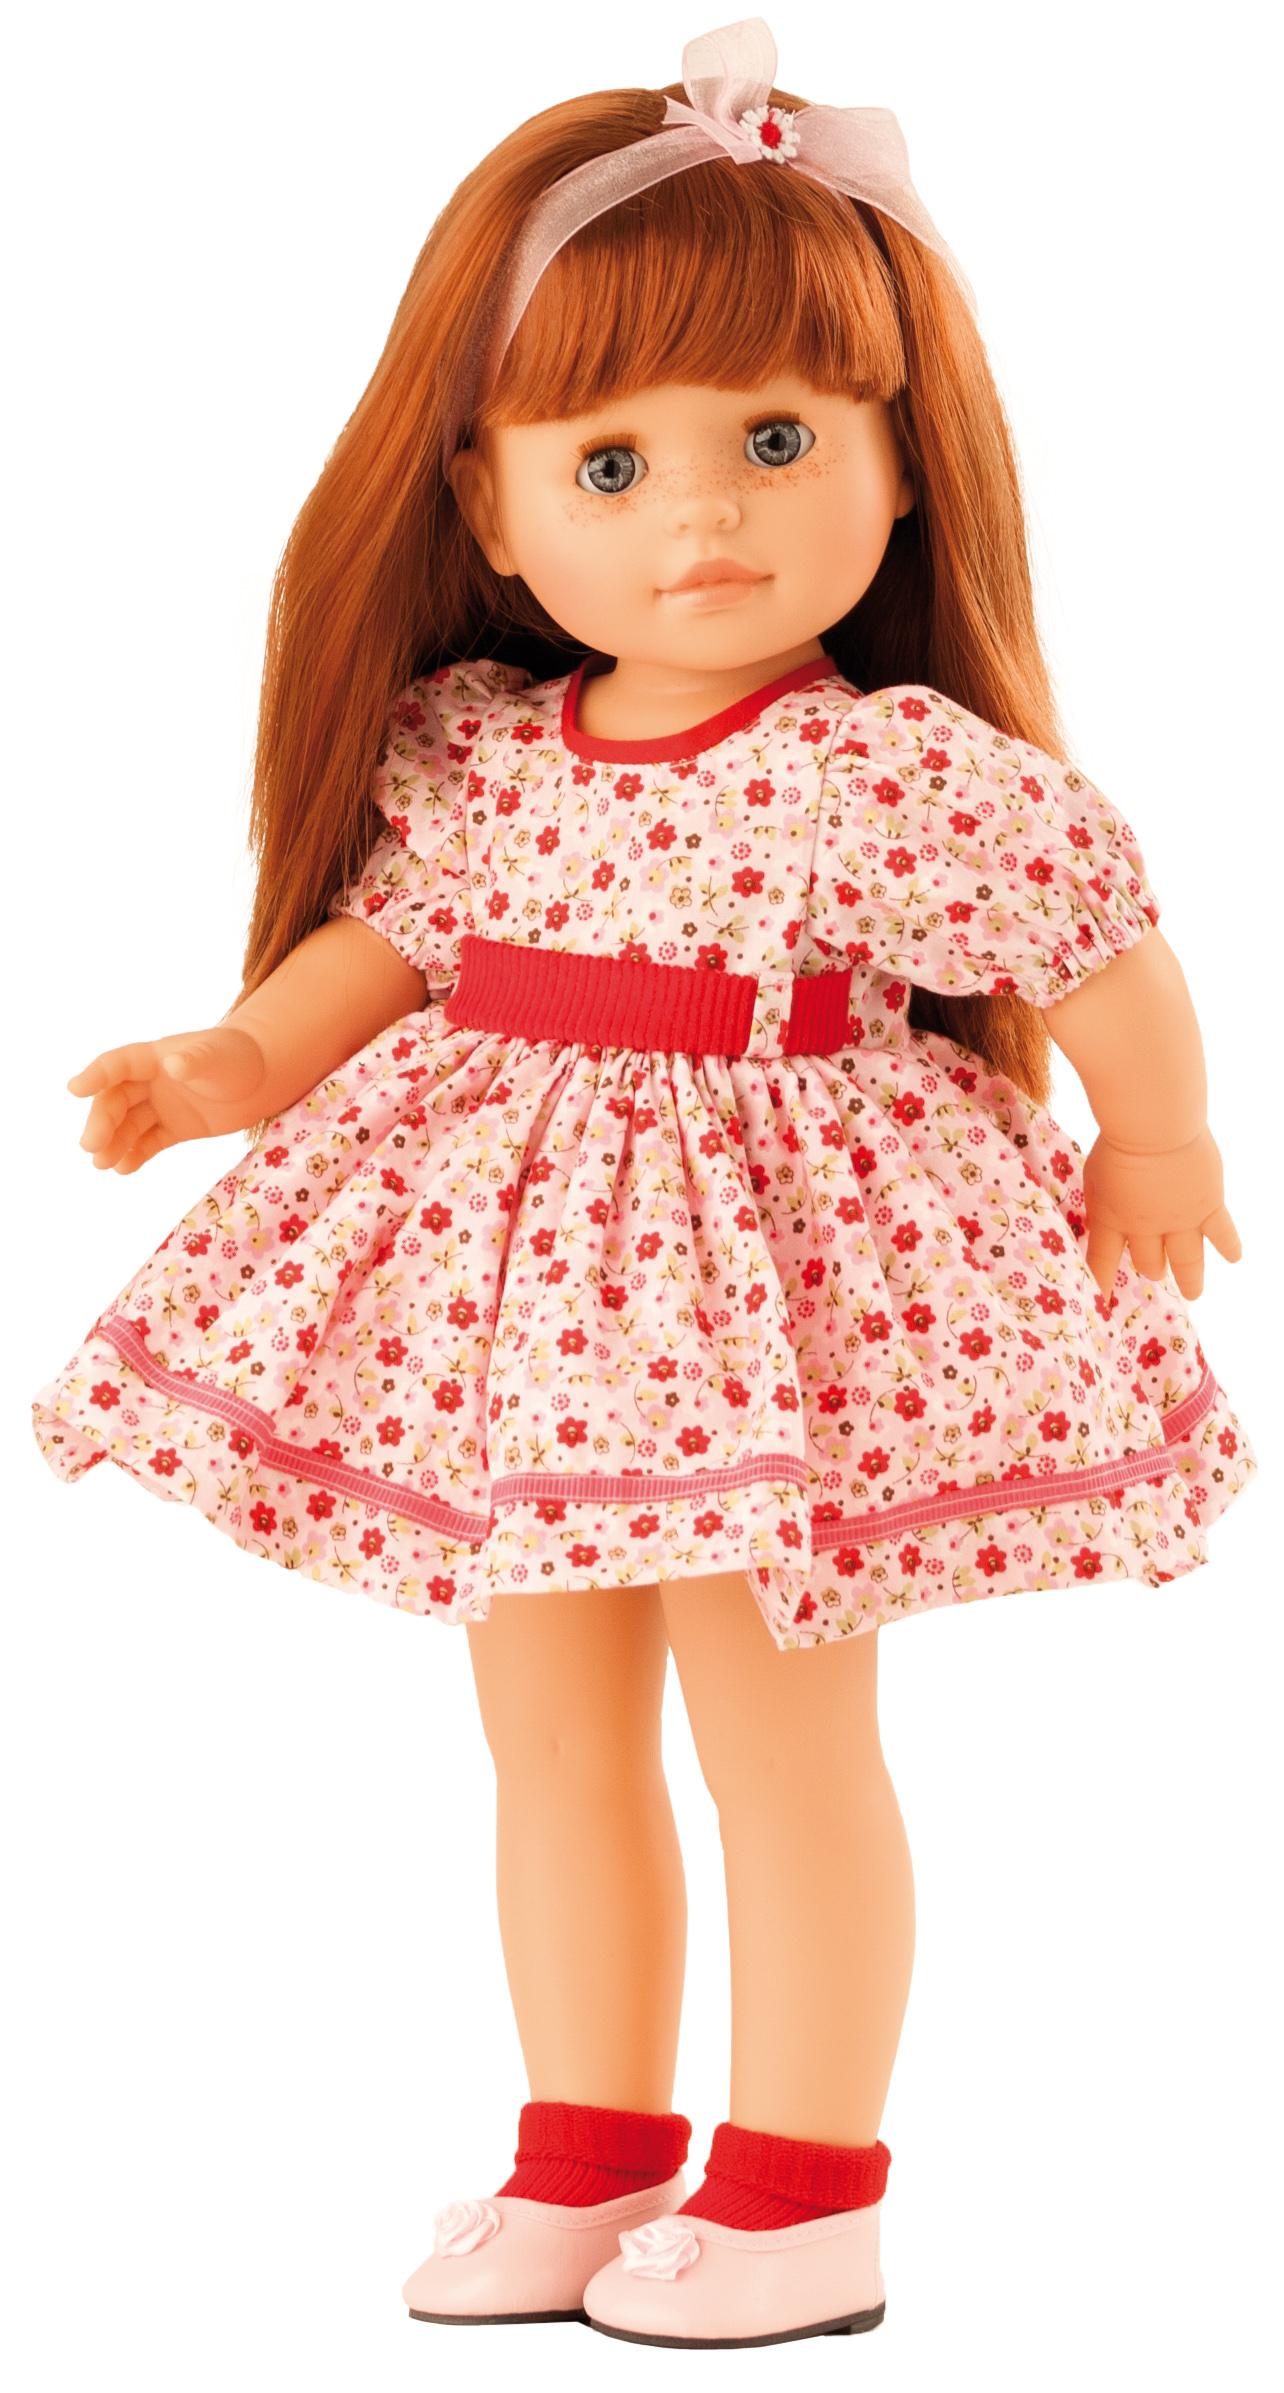 Realistická panenka Becca v letních šatech